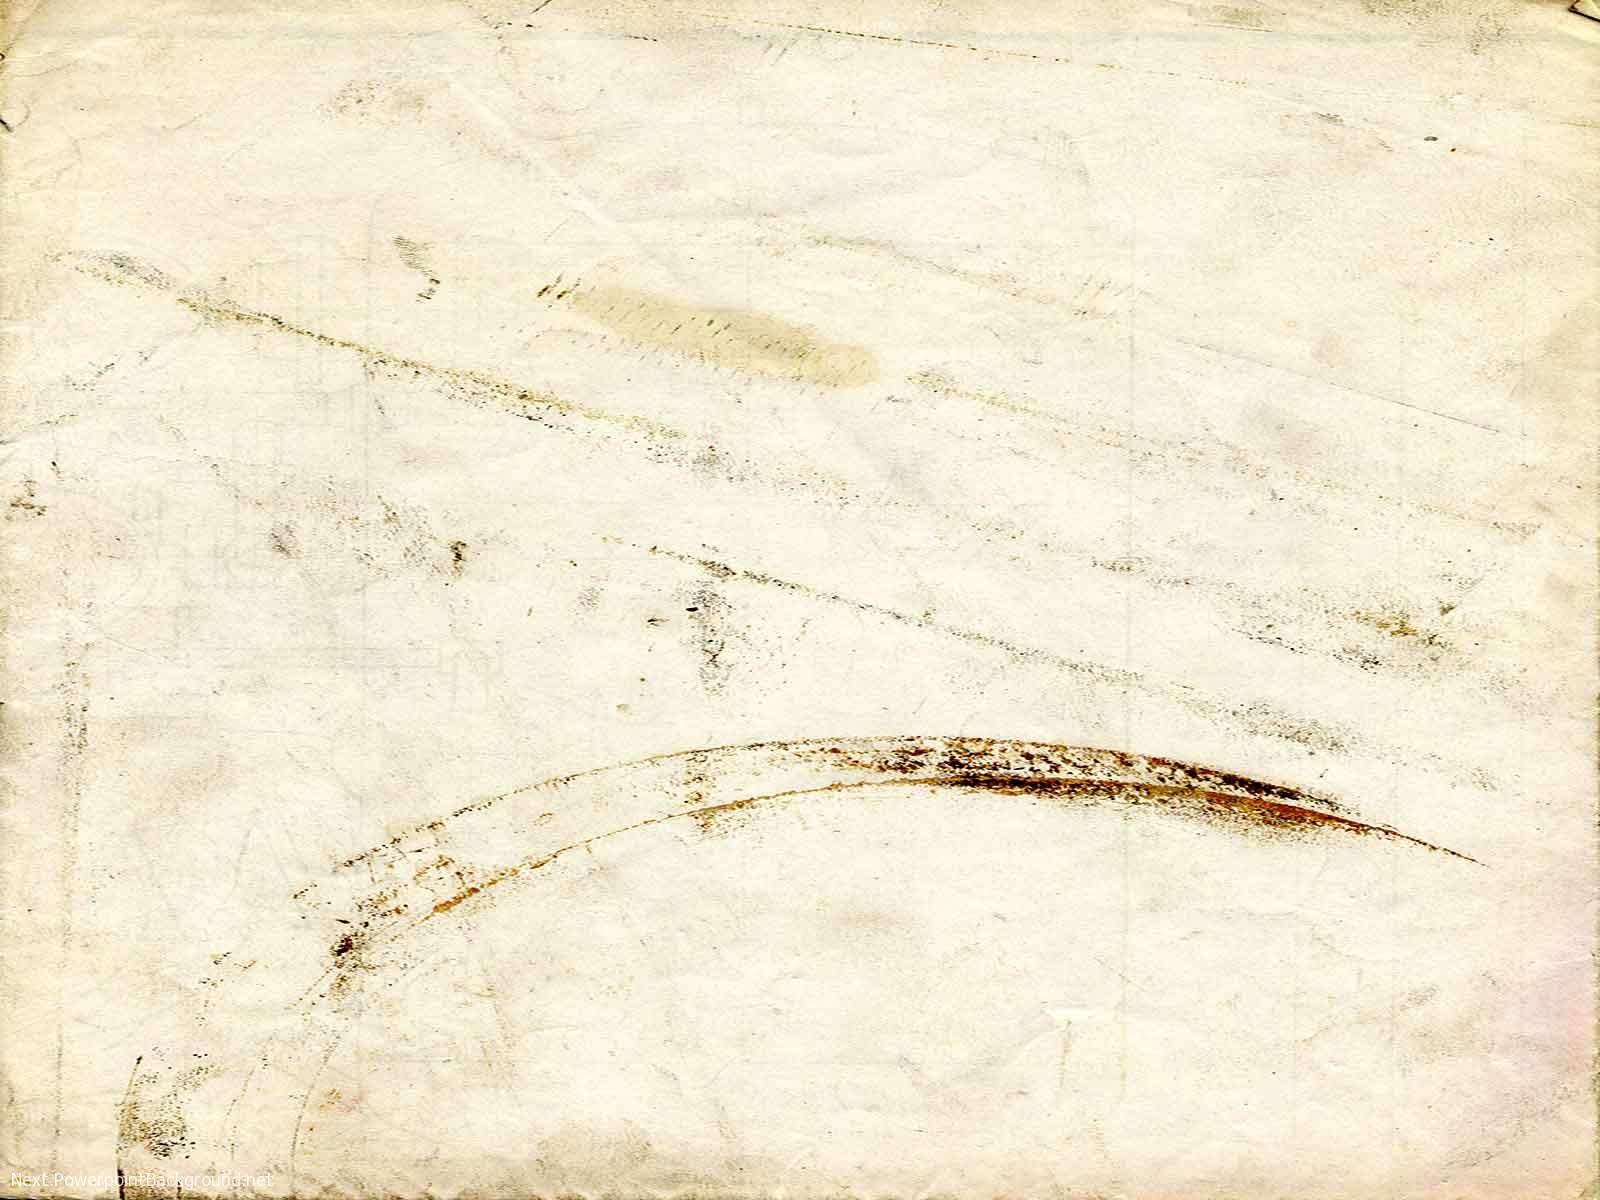 grunge-paper-texture-background-powerpoint